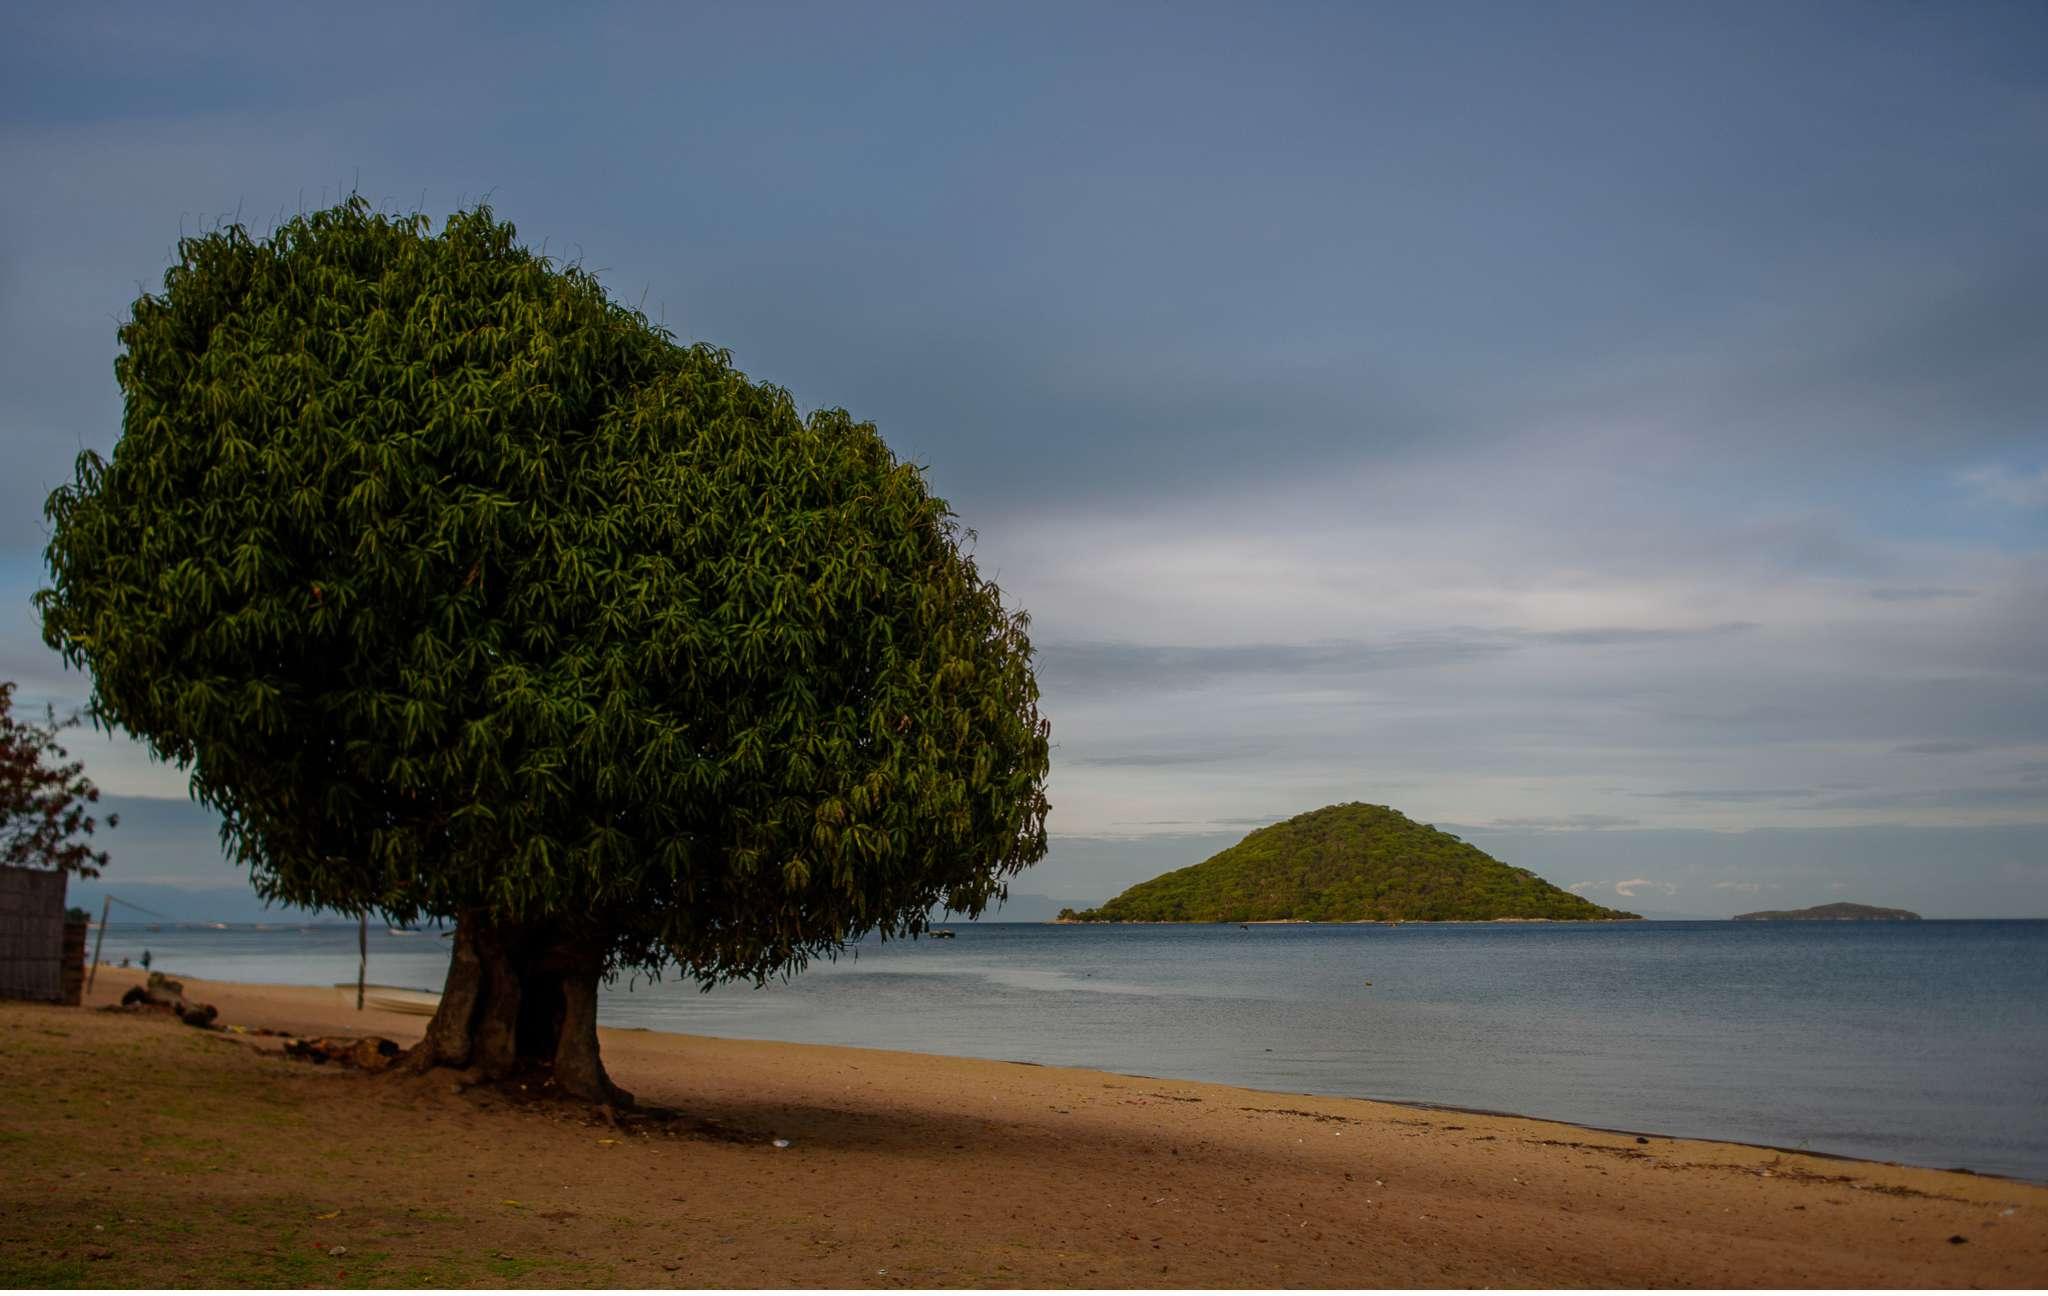 Malawi-Quer durch Afrika- Geschichten von unterwegs by Marion and Daniel-52